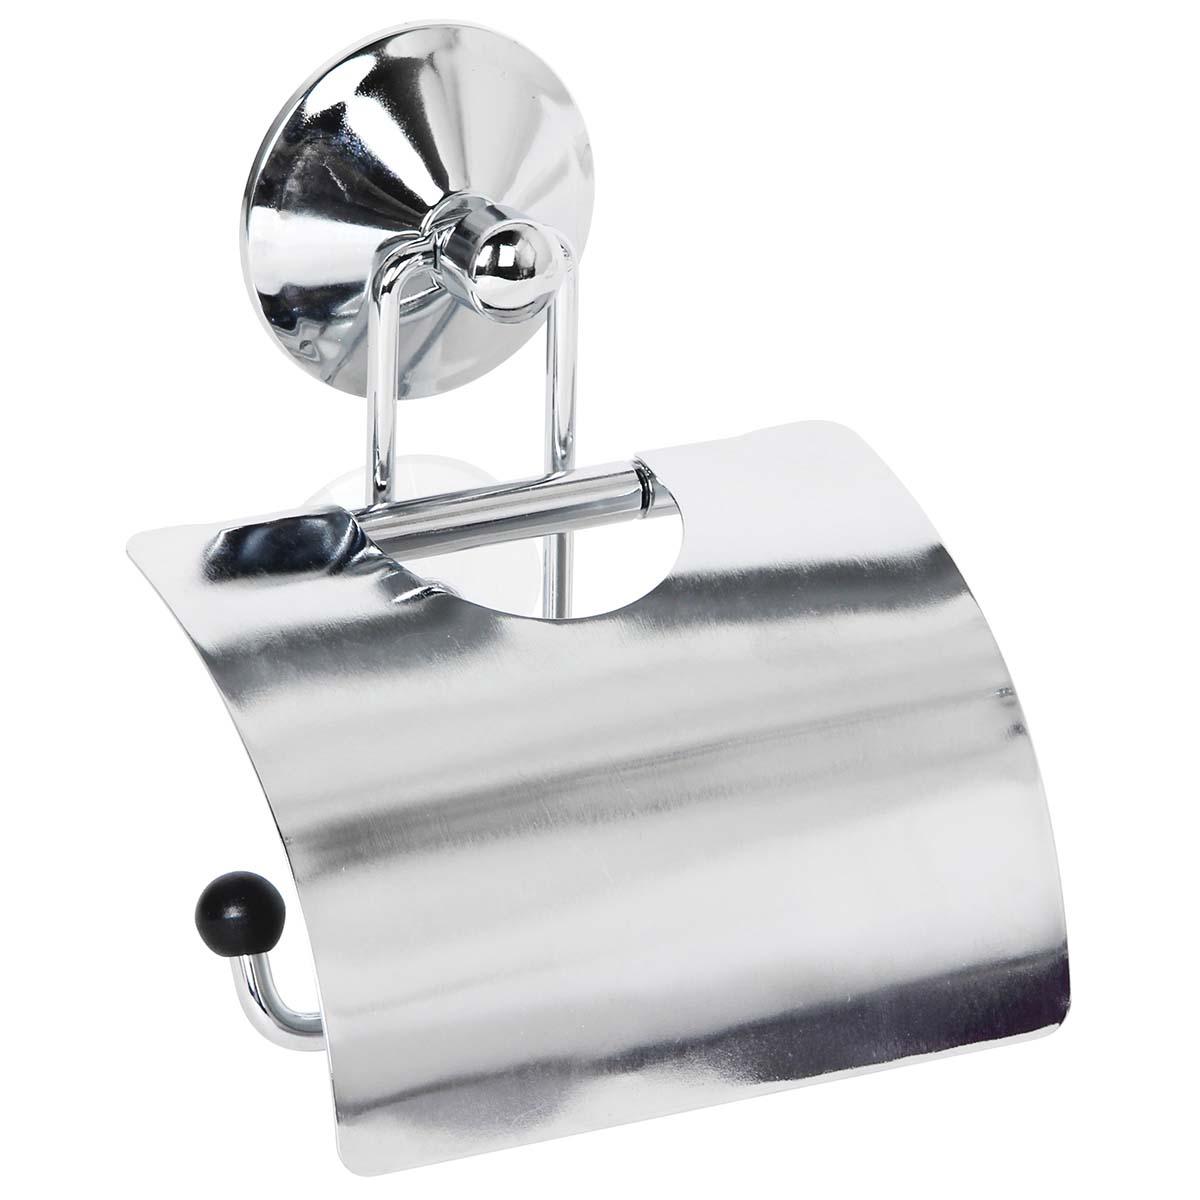 toilet roll holder suction l ools. Black Bedroom Furniture Sets. Home Design Ideas